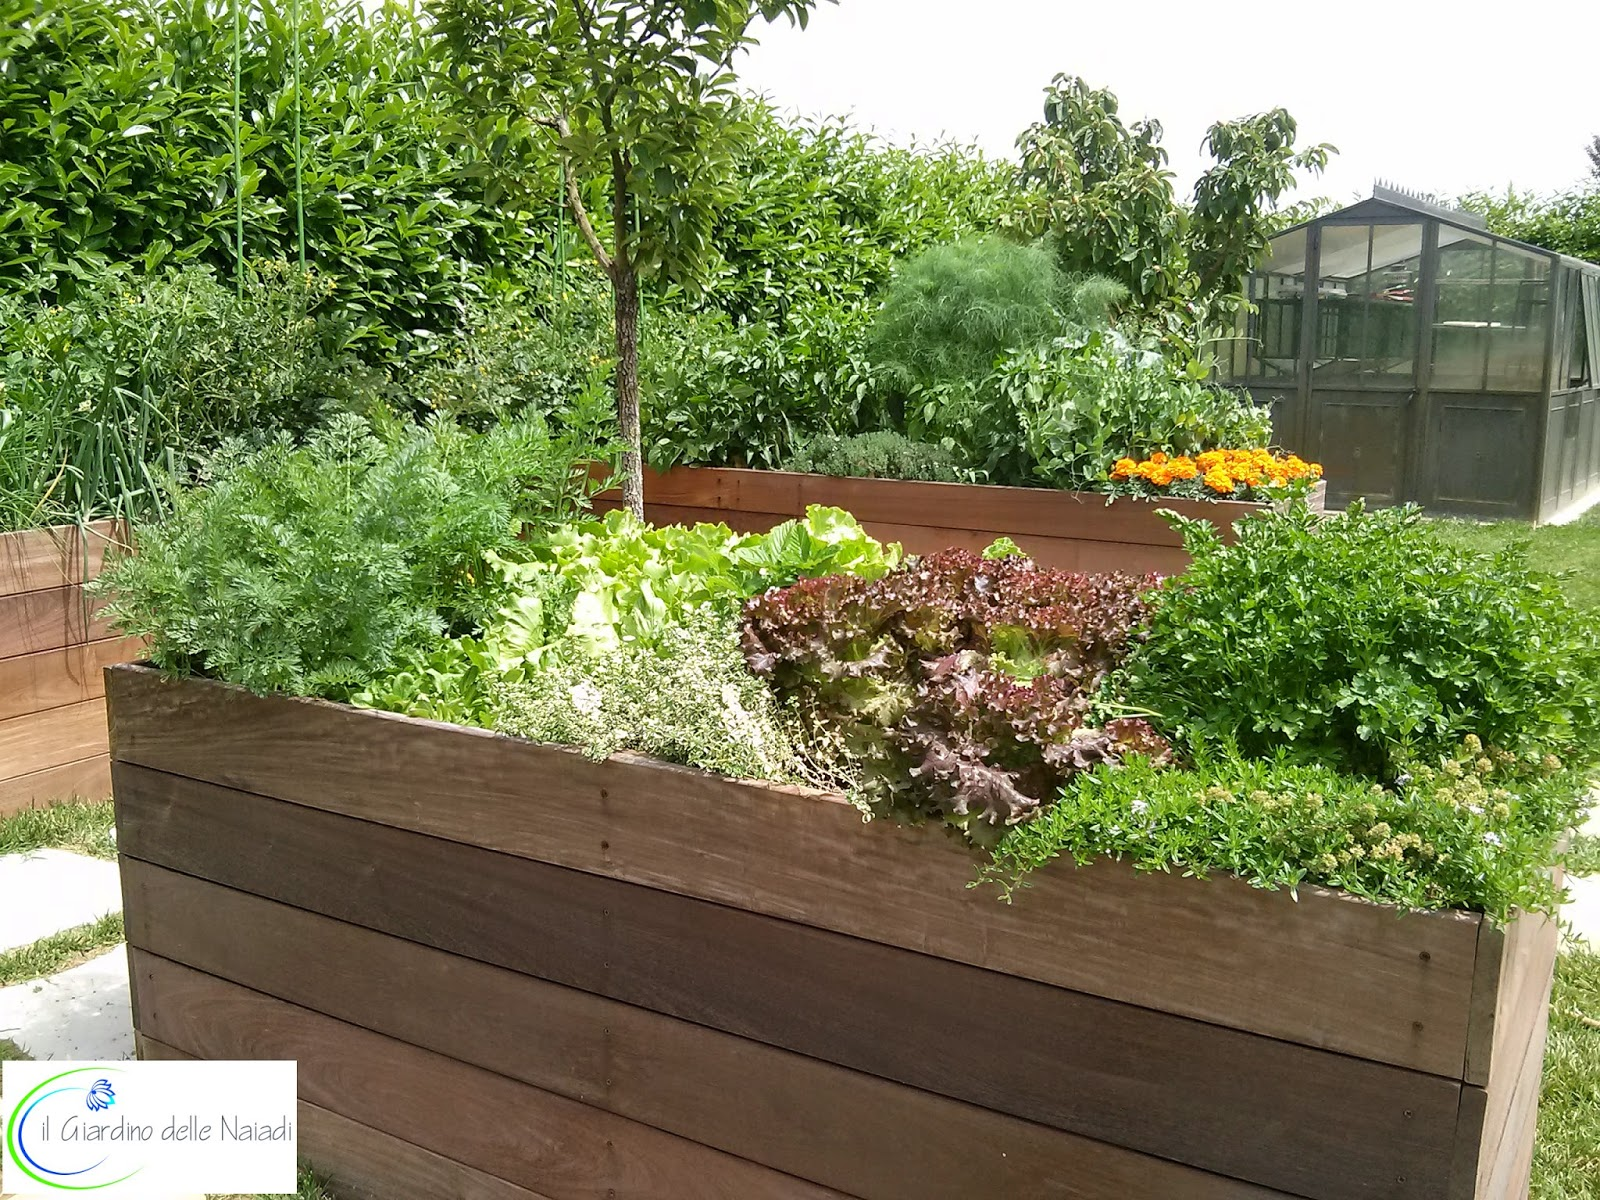 Il giardino delle naiadi un orto rialzato benessere a for Vasche da giardino per tartarughe